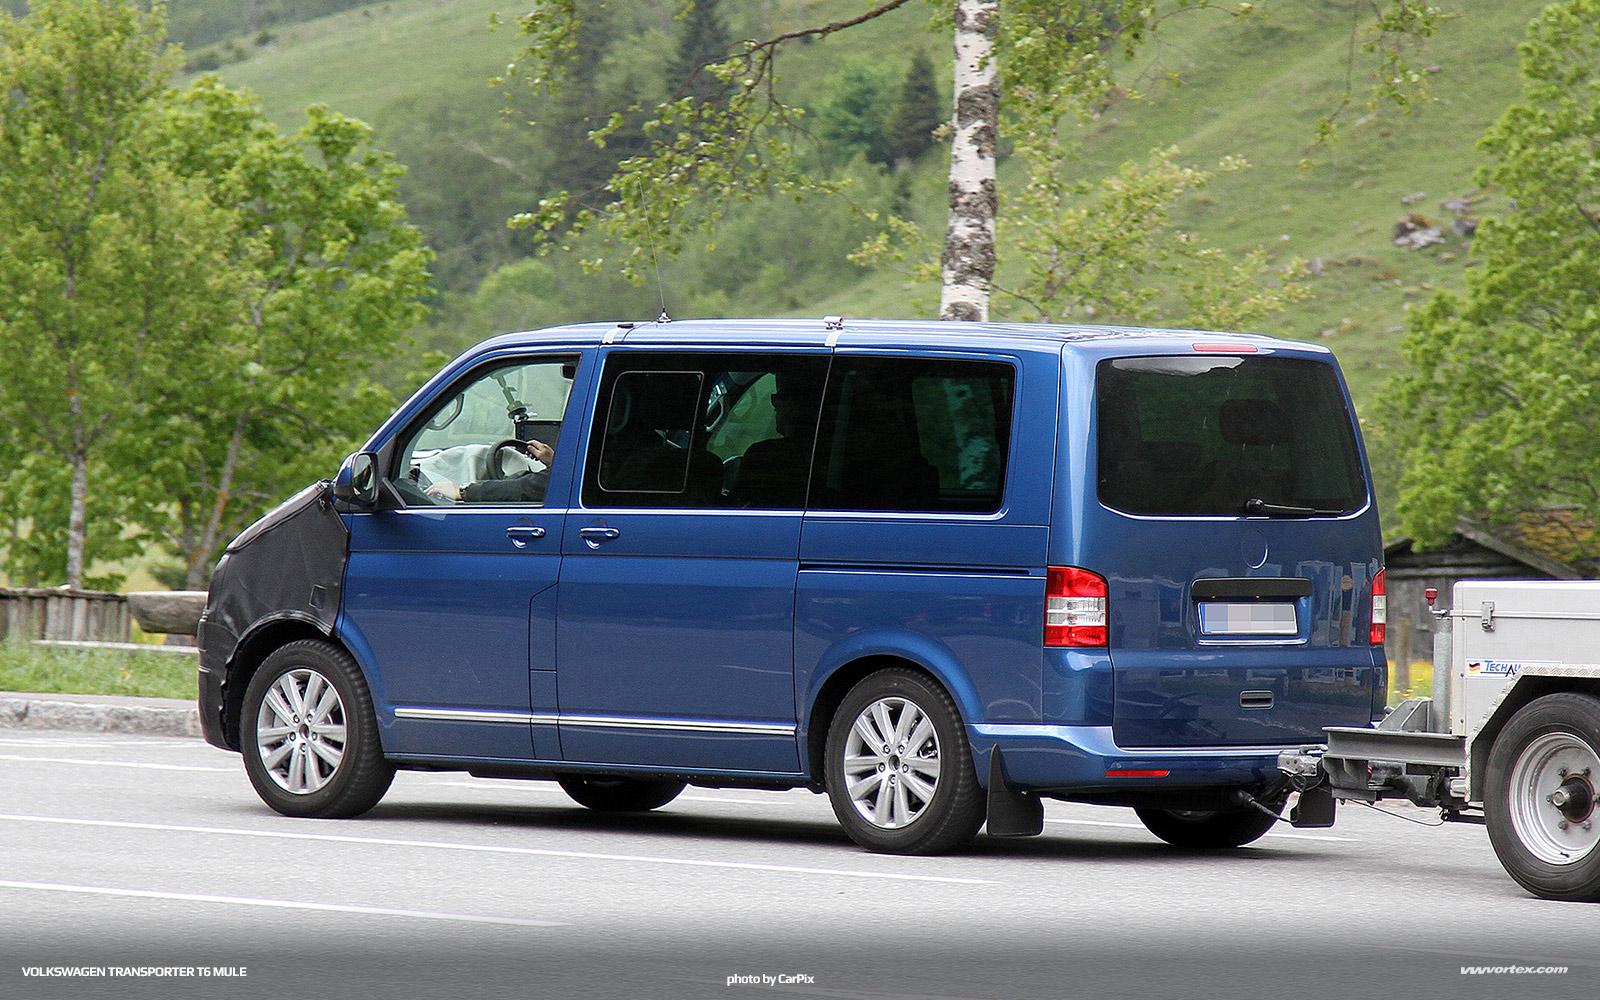 Volkswagen-Transporter-T6-mule-365